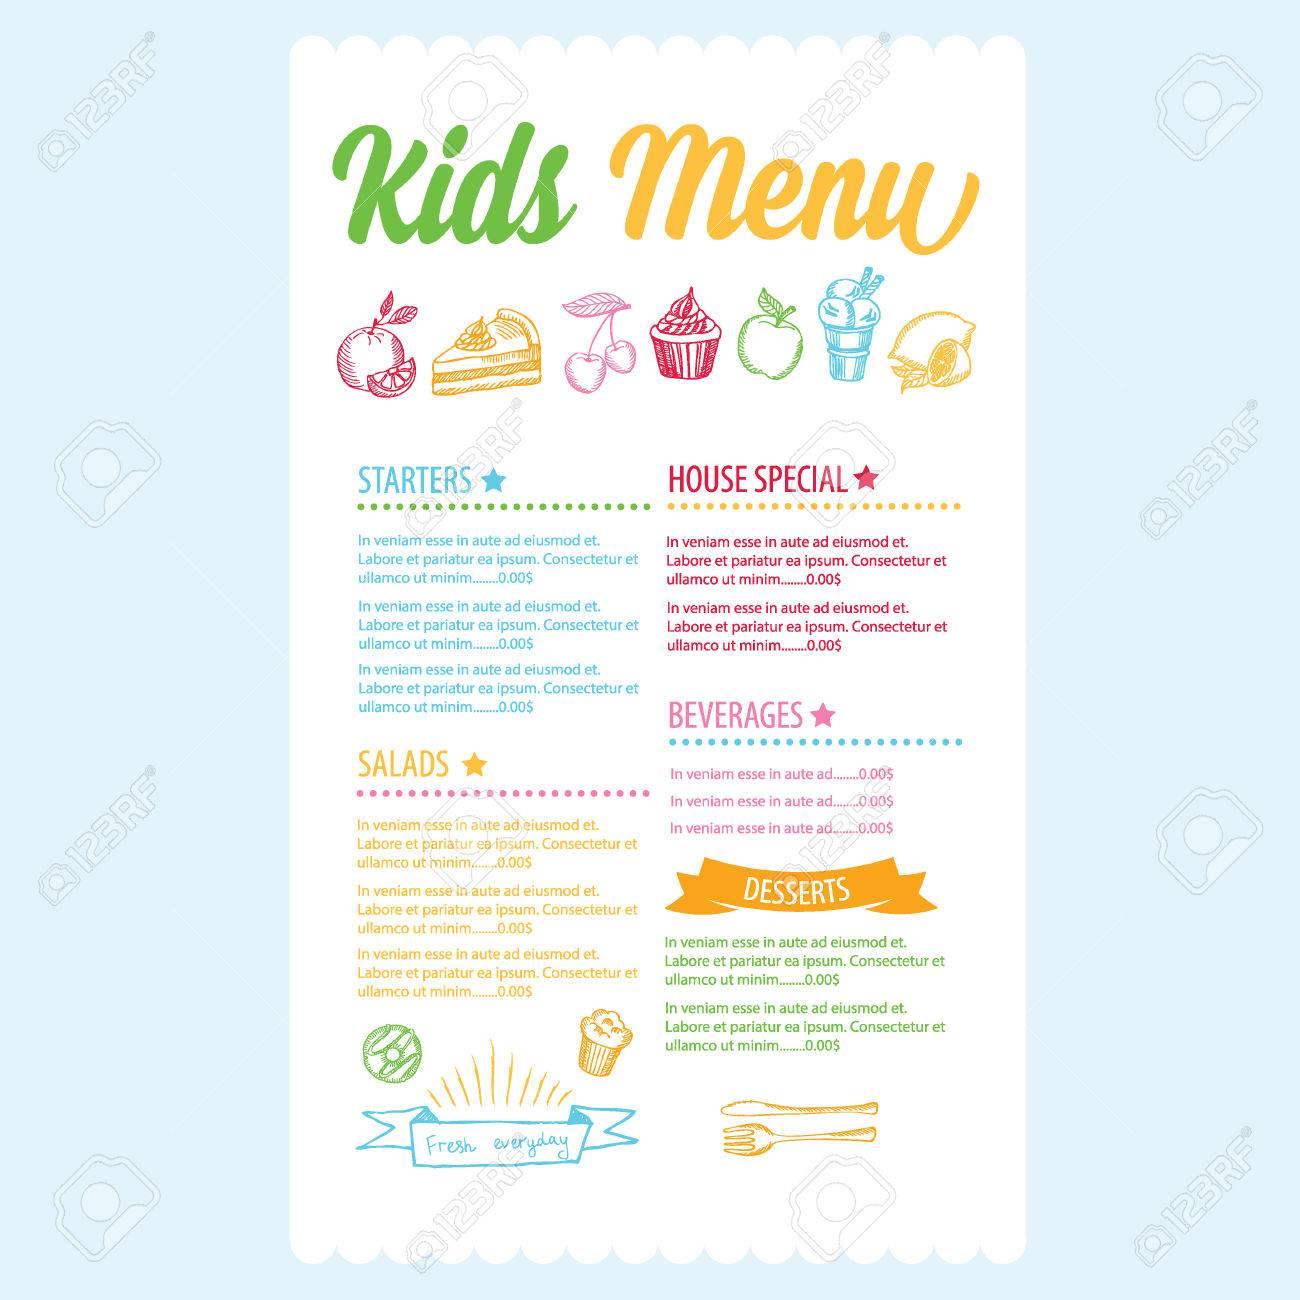 Doc650422 Kids Menu Templates Kids Menu Kid Menu Designs Kid – Free Kids Menu Templates